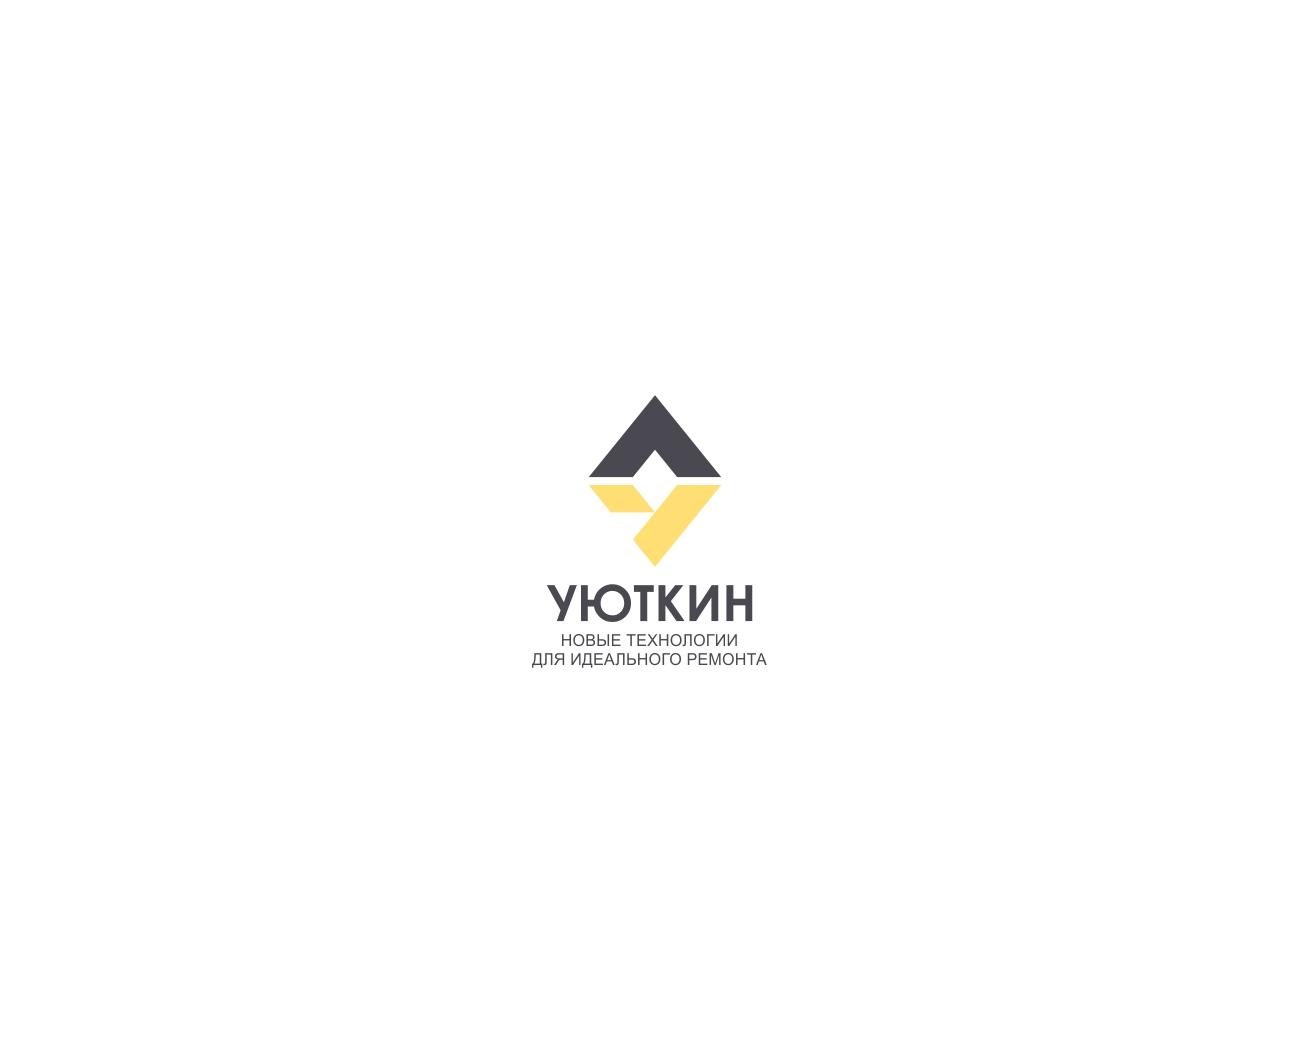 Создание логотипа и стиля сайта фото f_3495c615b50f216d.jpg